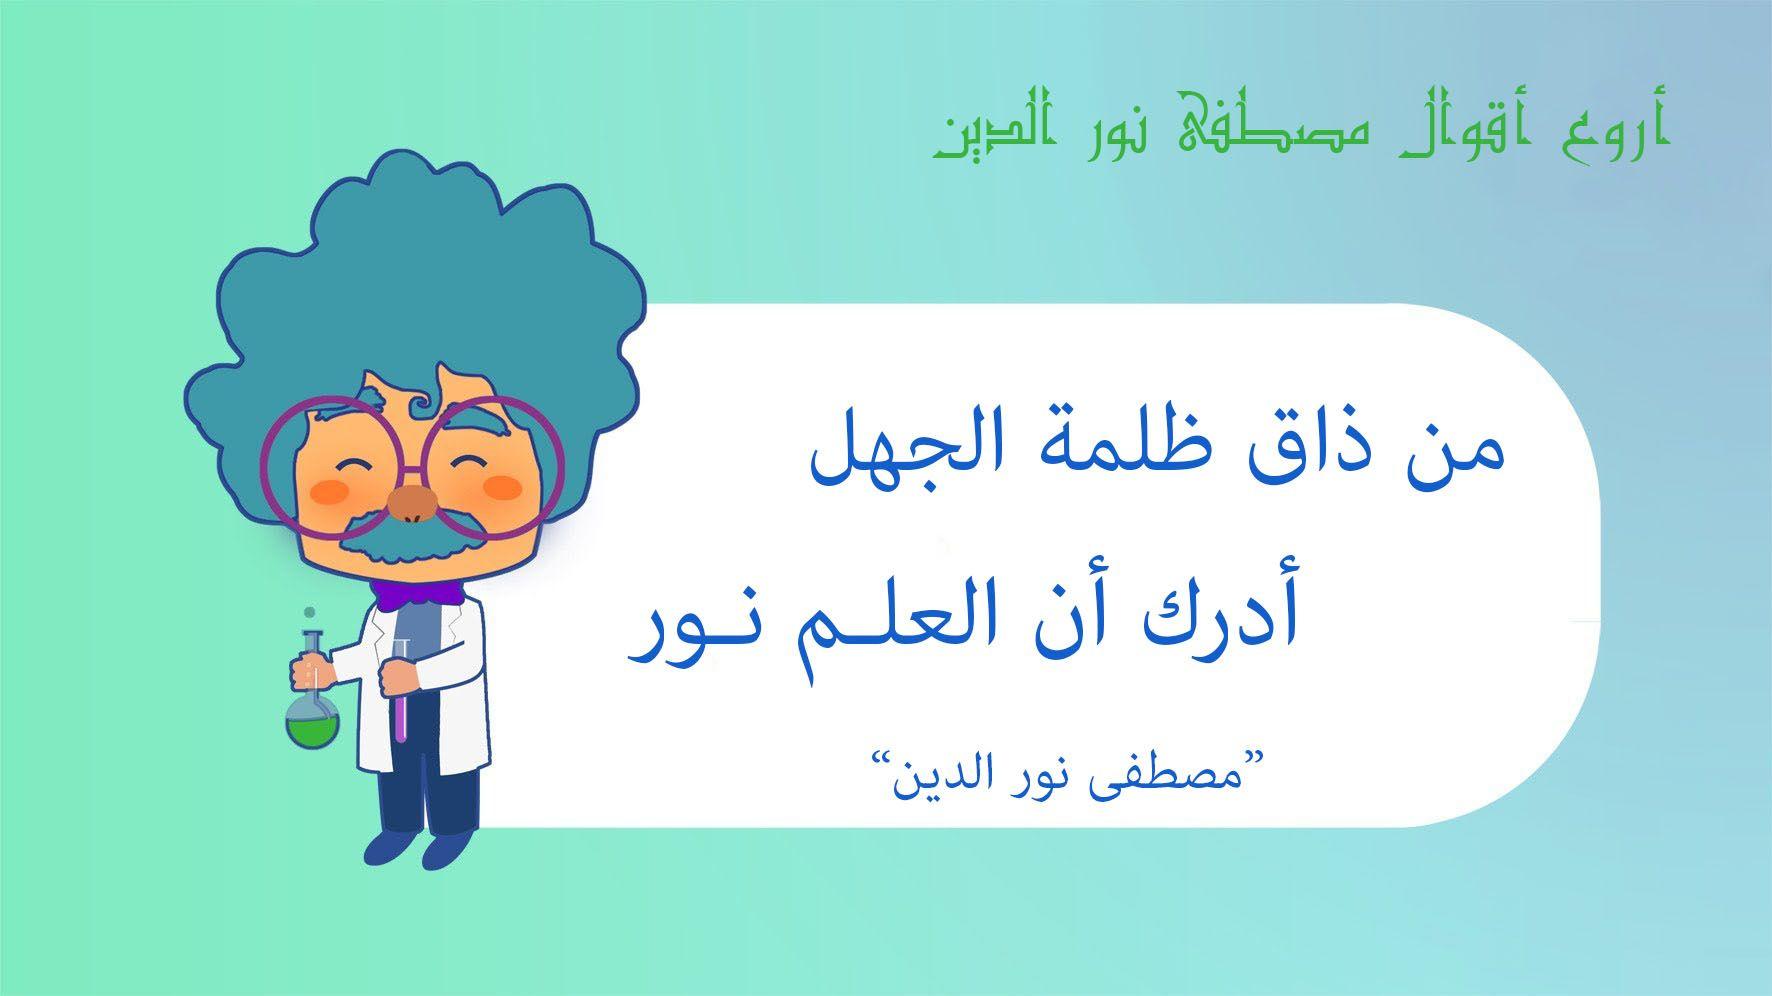 قالوا عن العلم من ذاق ظلمة الجهل أدرك أن العلم نور مصطفى نور الدين Arabic Words Vault Boy Words